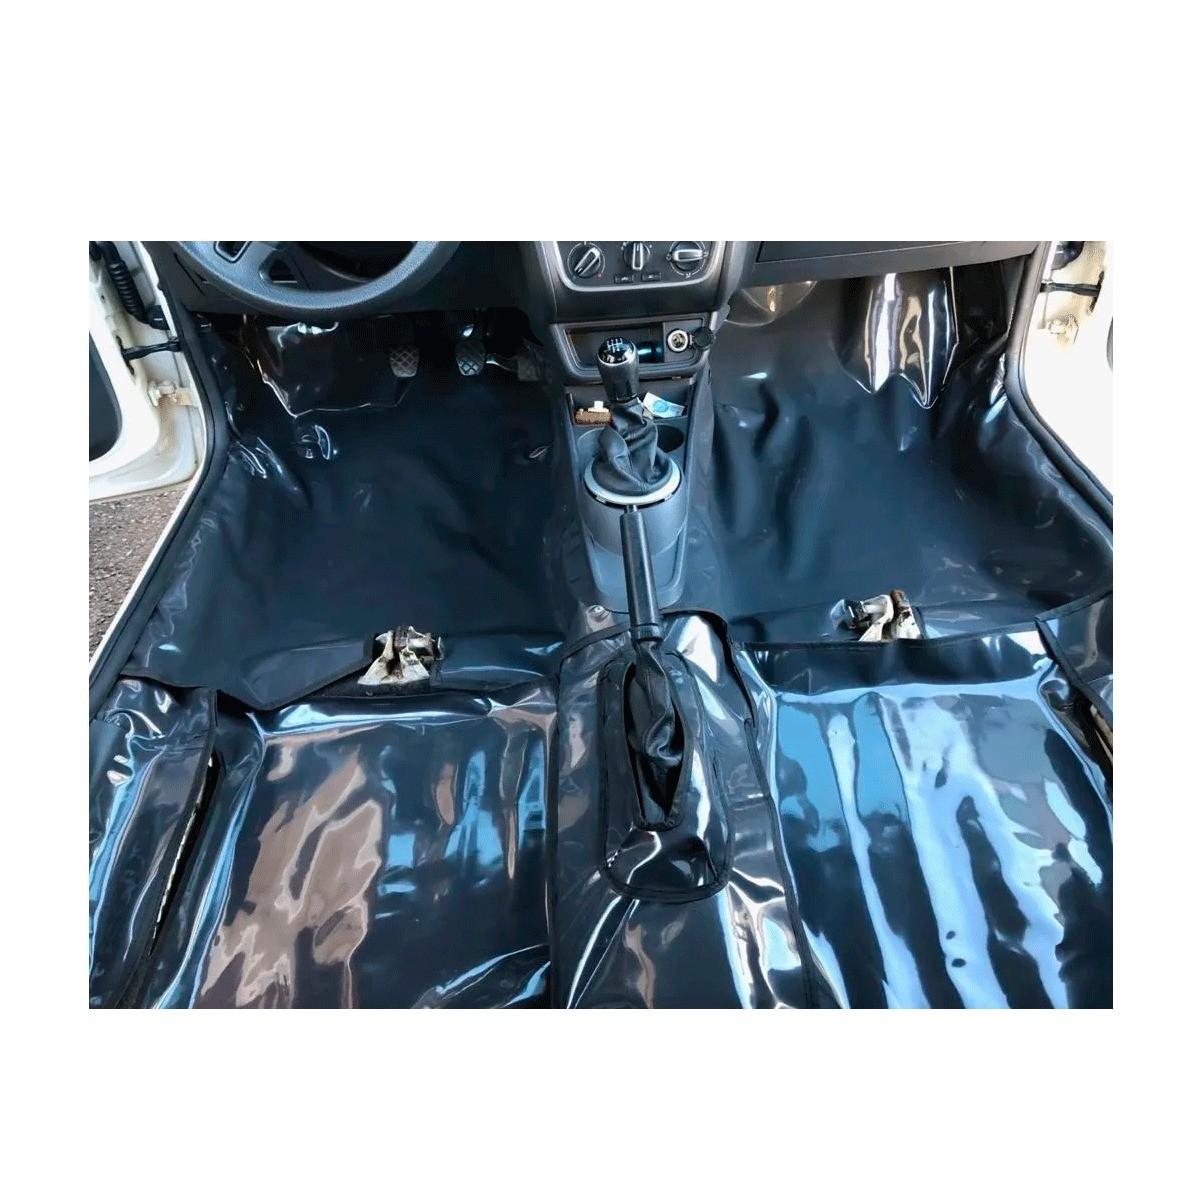 Tapete Proteção Assoalho da Ford Del Rey em Vinil Verniz Impermeável